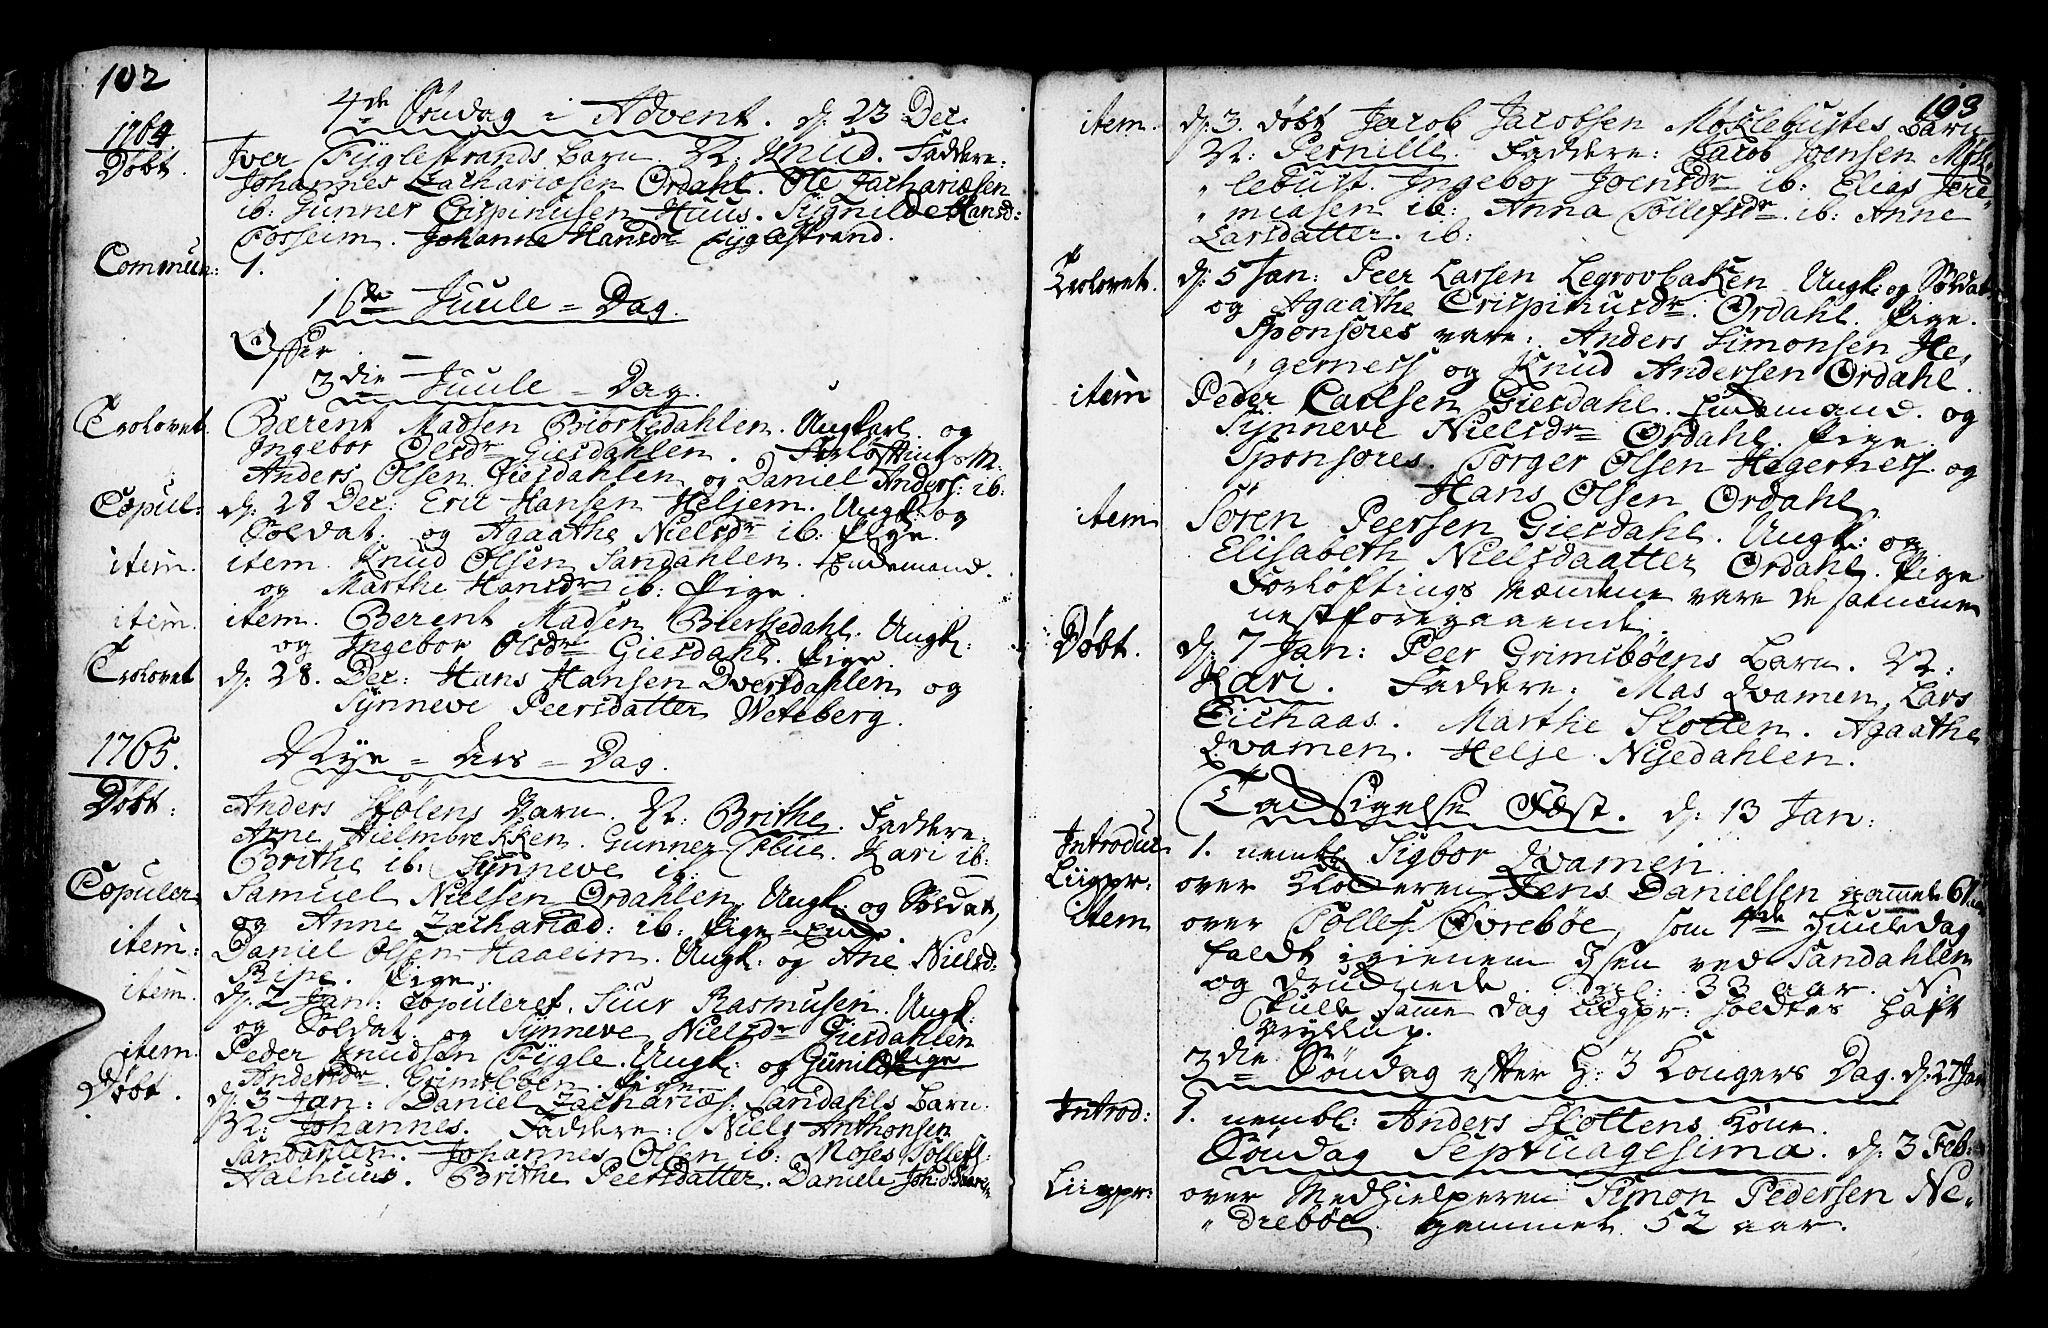 SAB, Jølster Sokneprestembete, Ministerialbok nr. A 3, 1748-1789, s. 102-103